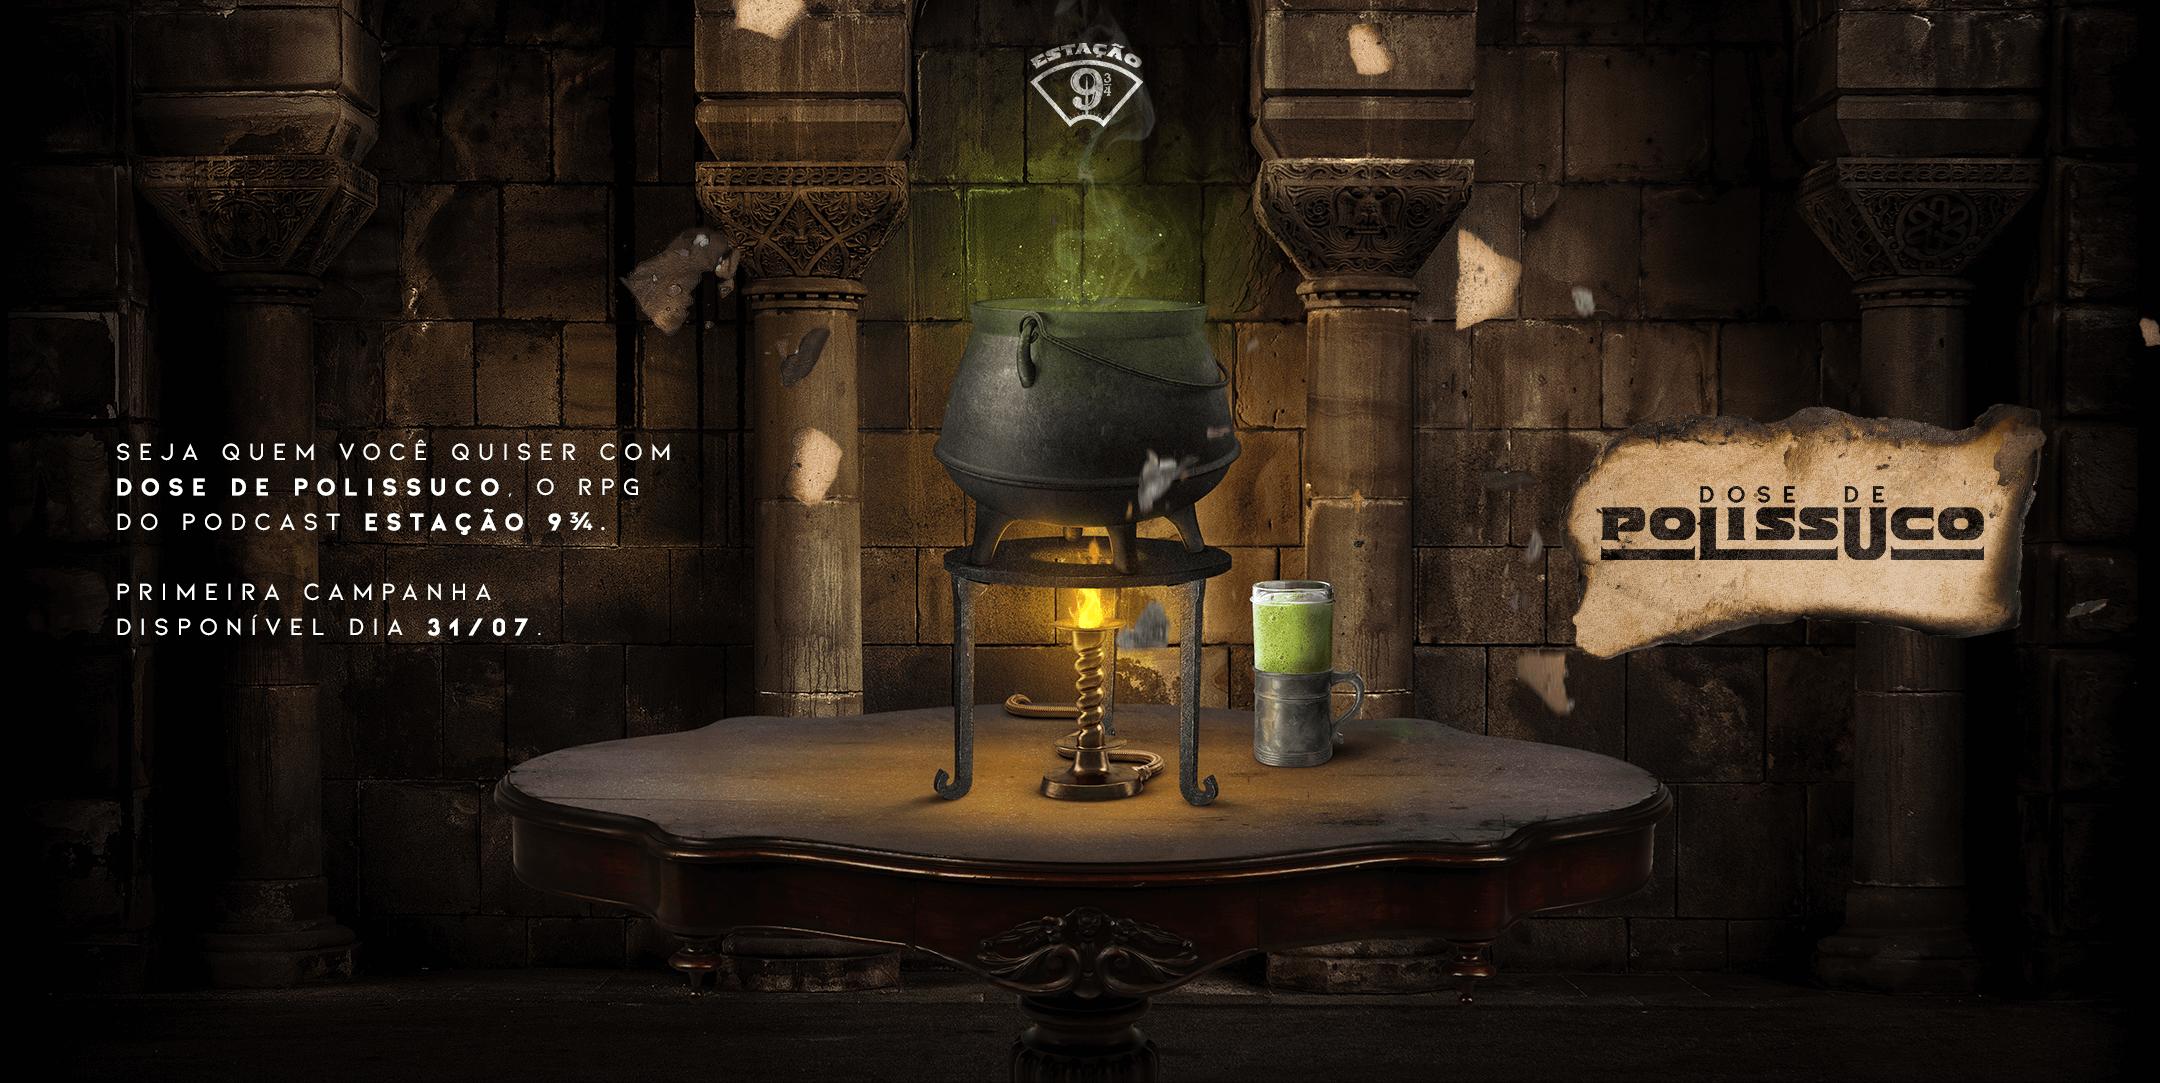 """#MagiaAcessível Fundo escuro com parede, arcos e colunas de pedras. À frente, mesa oval de madeira, na qual vemos um caldeirão de ferro sobre suporte com chamas acesas e uma caneca de vidro com líquido pastoso. Os recipientes emitem ligeira fumaça e iluminação esverdeada. Há pedaços de papel queimado flutuando e, no maior deles, vemos um logo escrito """"Dose de Polissuco"""" acompanhando o texto: """"Seja quem você quiser com Dose de Polissuco, o RPG do podcast Estação 9 3⁄4. Primeira campanha disponível dia 31/07."""""""